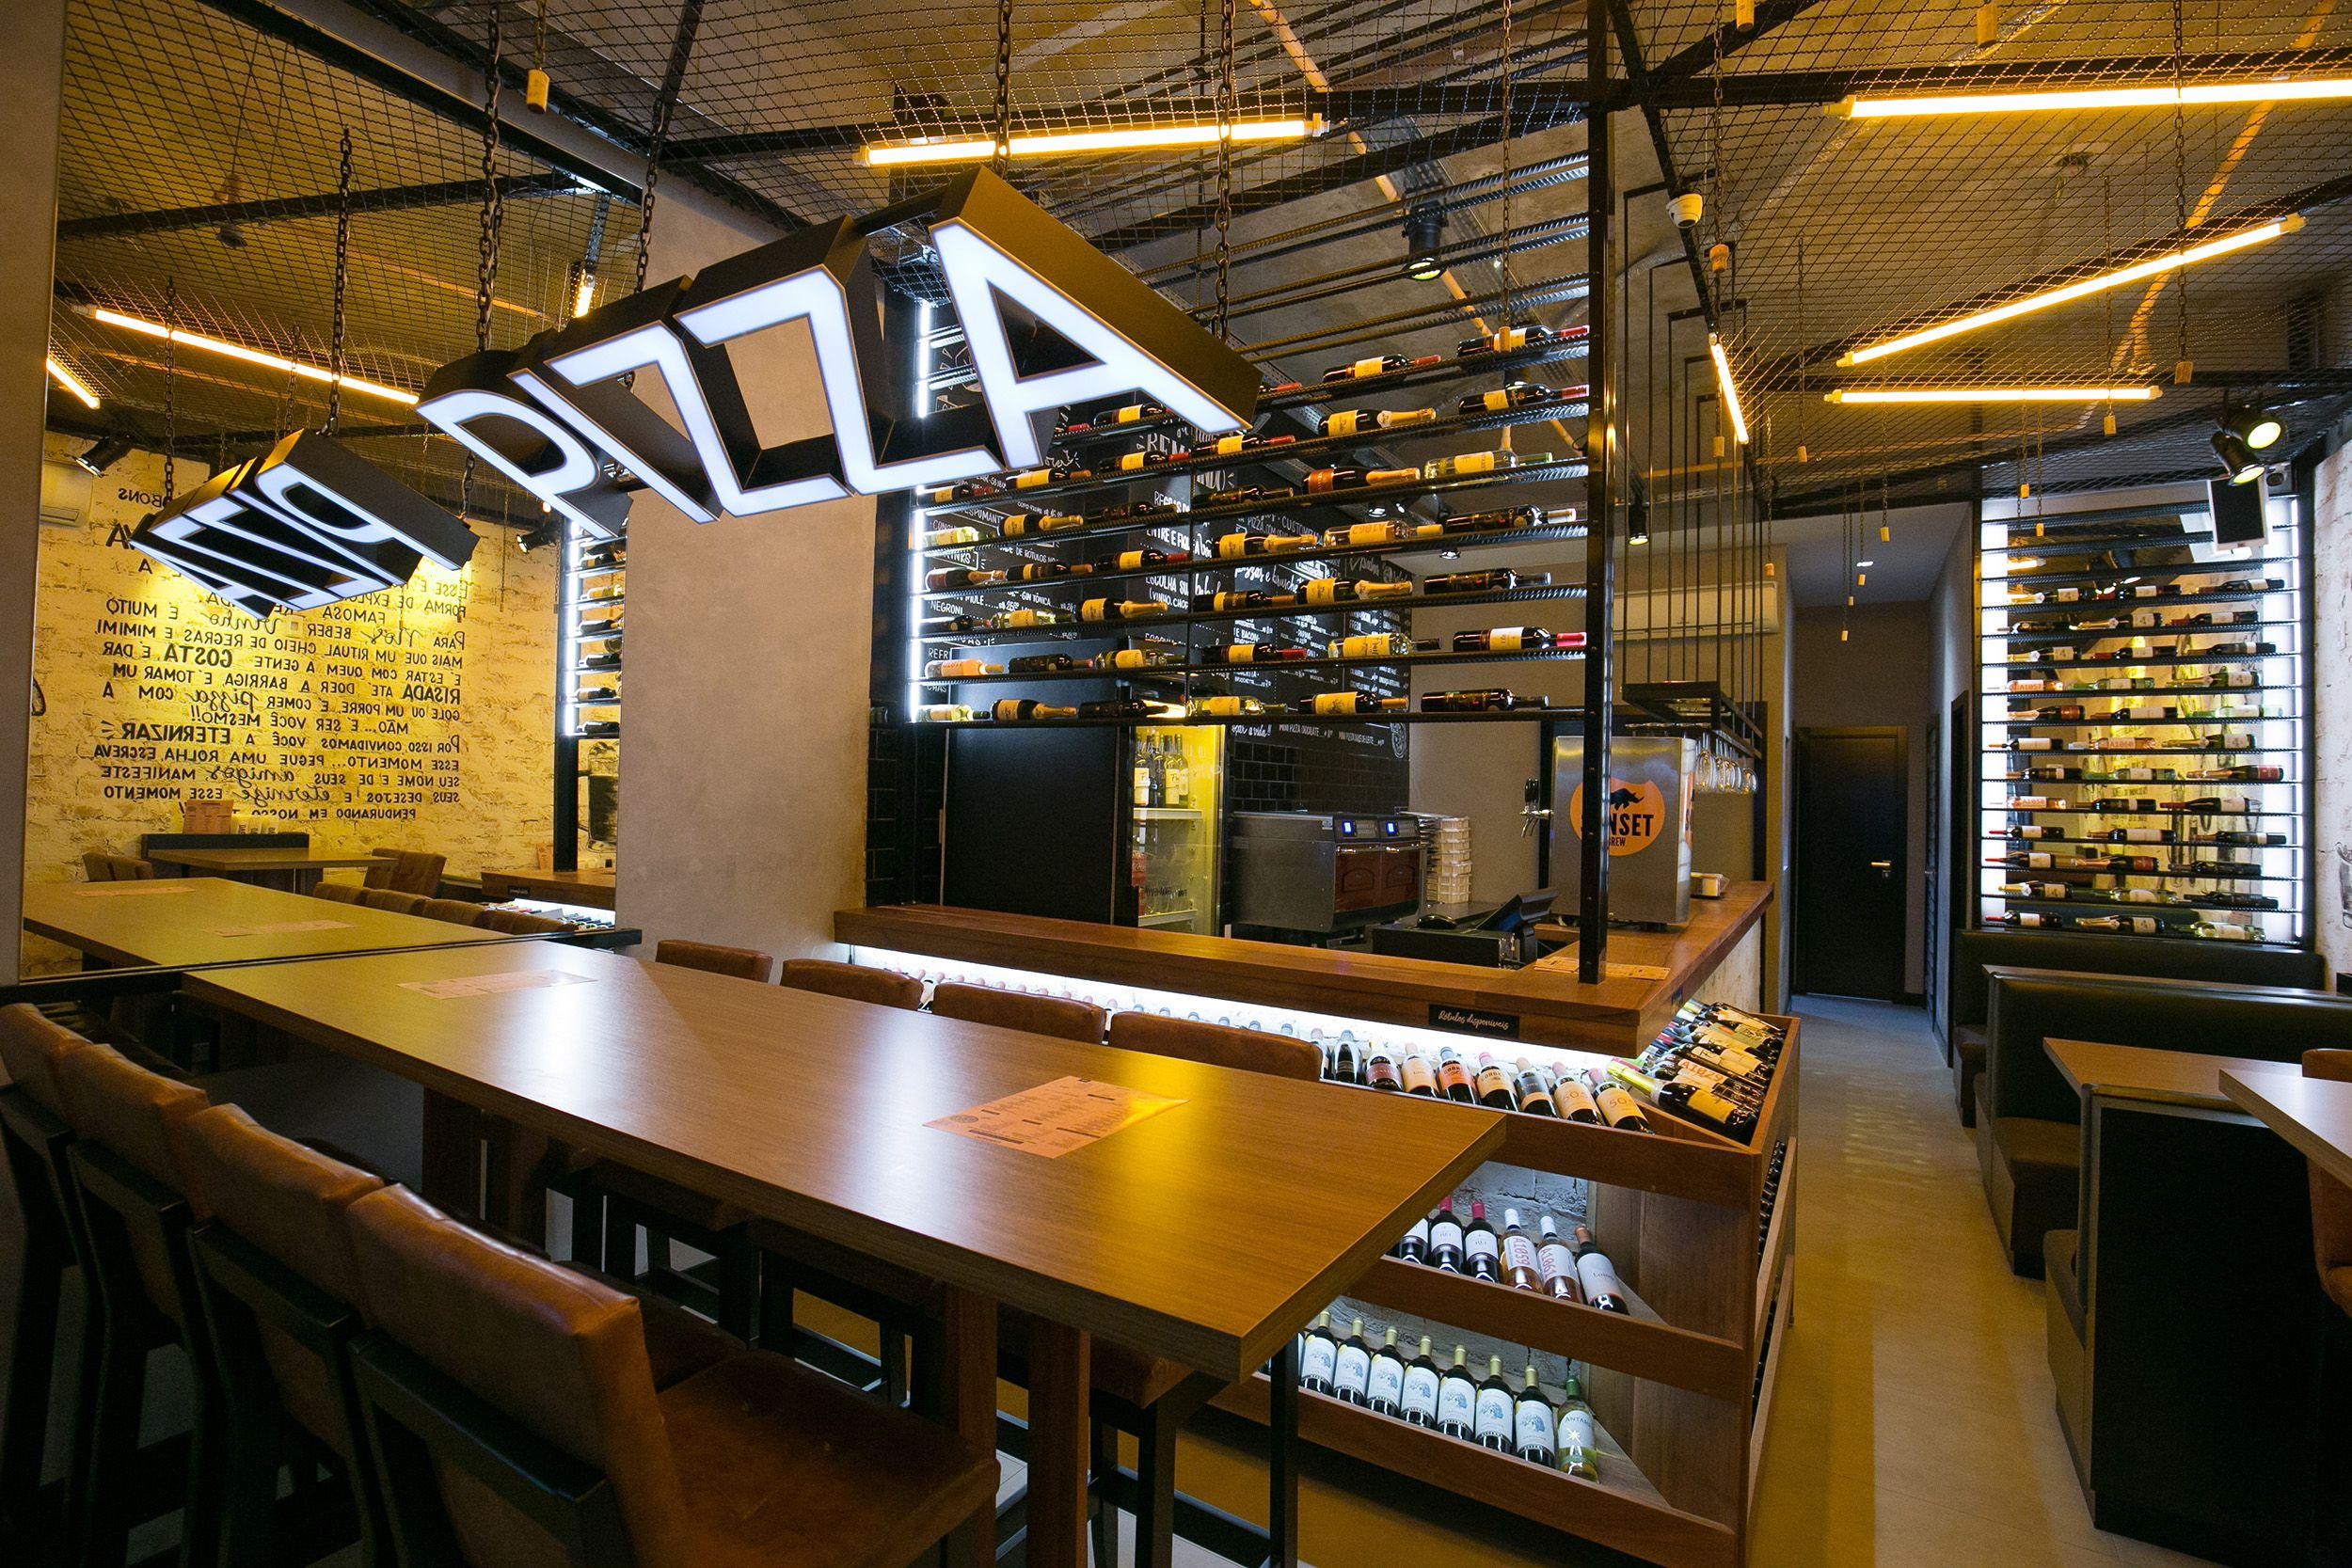 Oven Pizza Bar em Balneário Camboriú. Modelo em Curitiba deve abrir no começo de 2020. Foto:  Estúdio Mauro Molina.